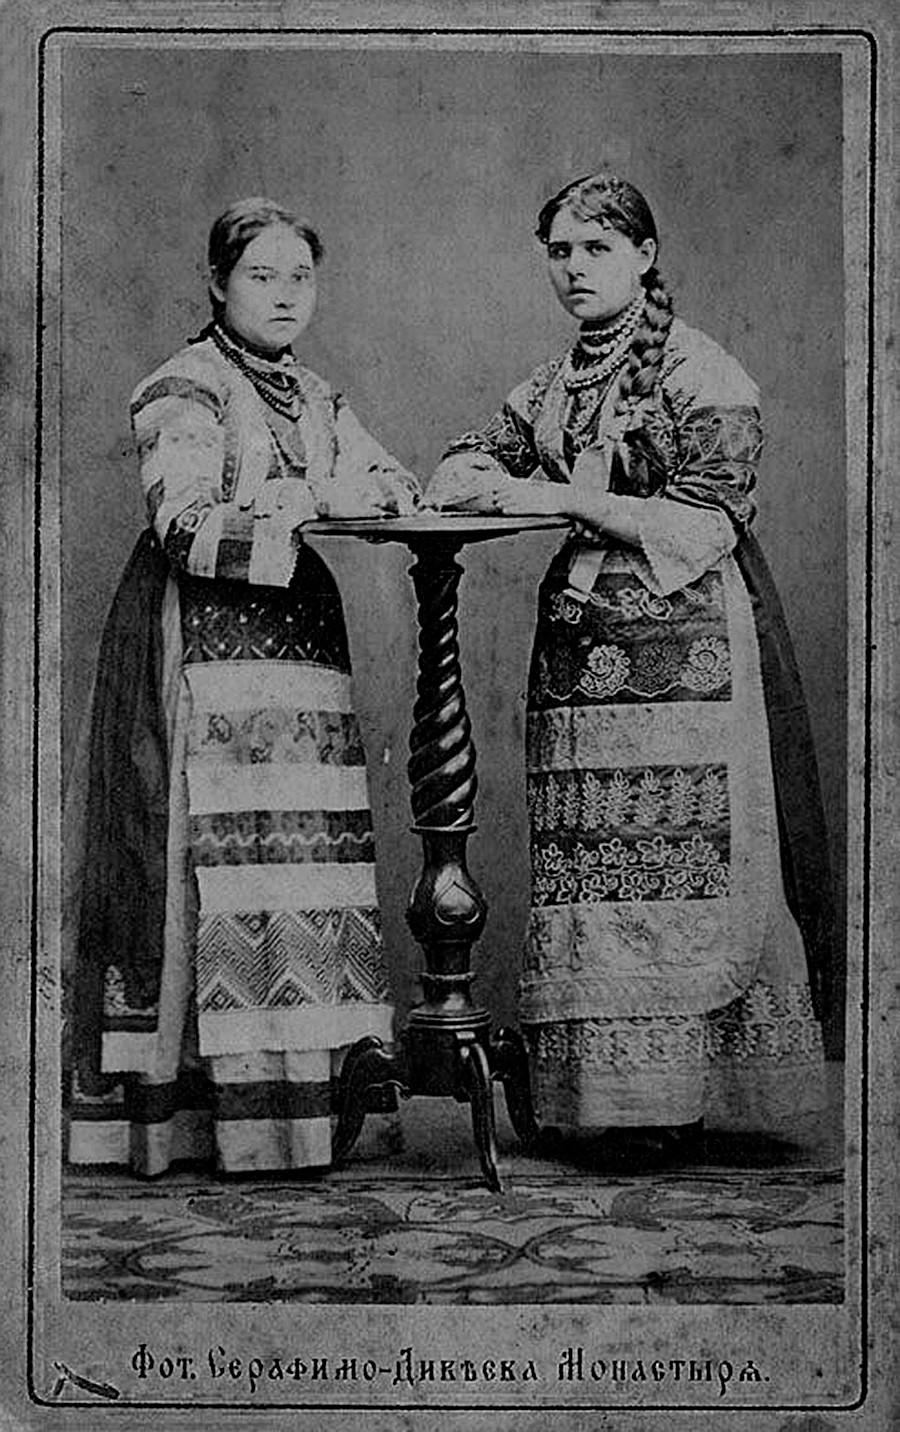 ロシアの民族衣装を着た女性たち